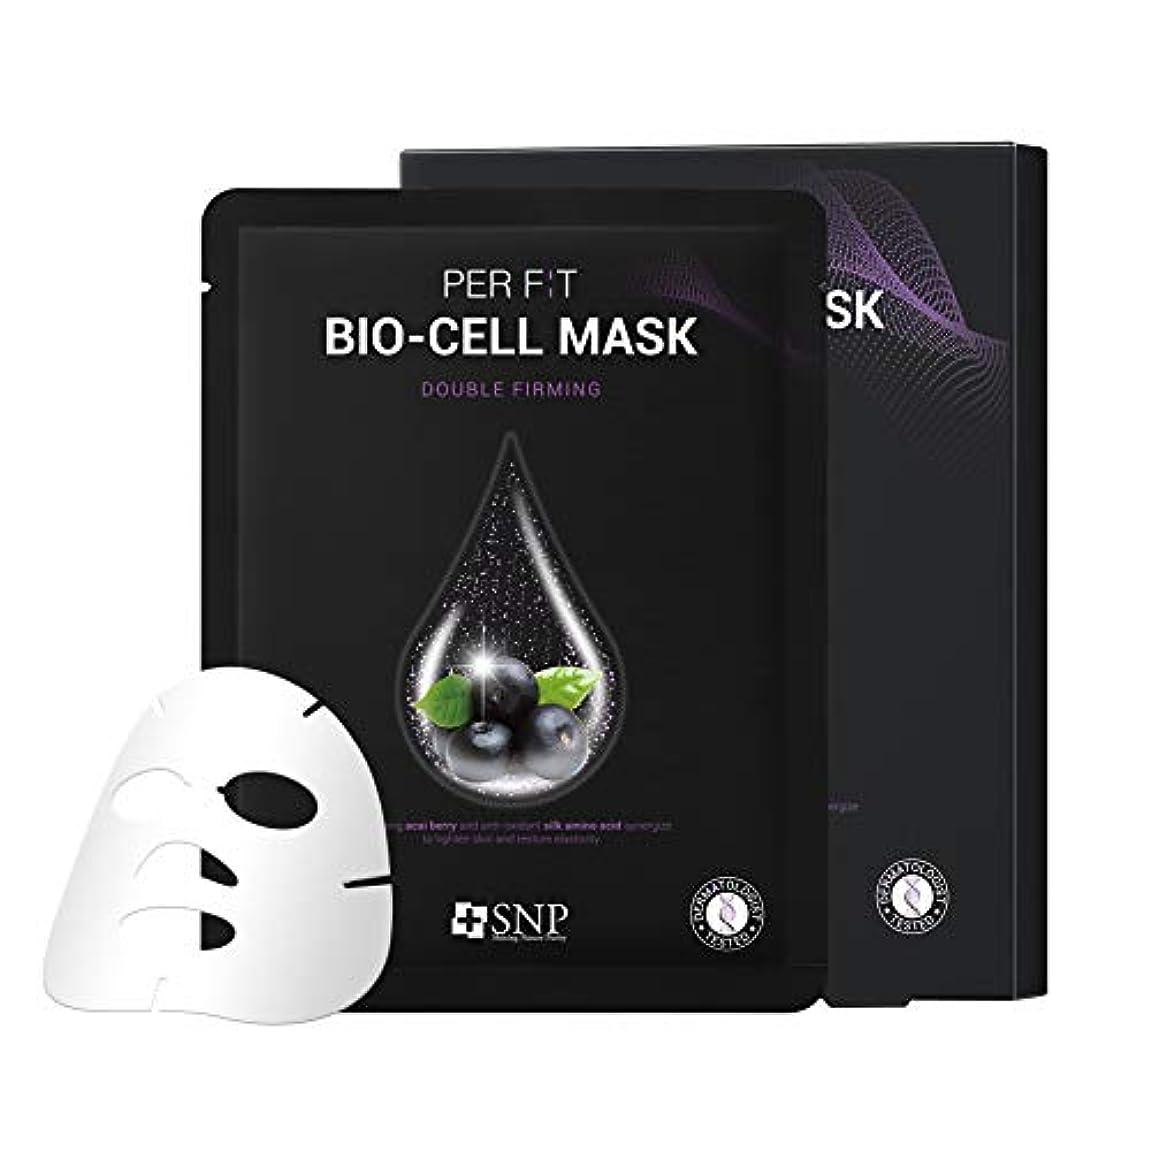 無条件悪いパーティー【SNP公式】パーフィット バイオセルマスク ダブルファーミング 5枚セット / PER F:T BIO-CELL MASK DOUBLE FIRMING 韓国パック 韓国コスメ パック マスクパック シートマスク